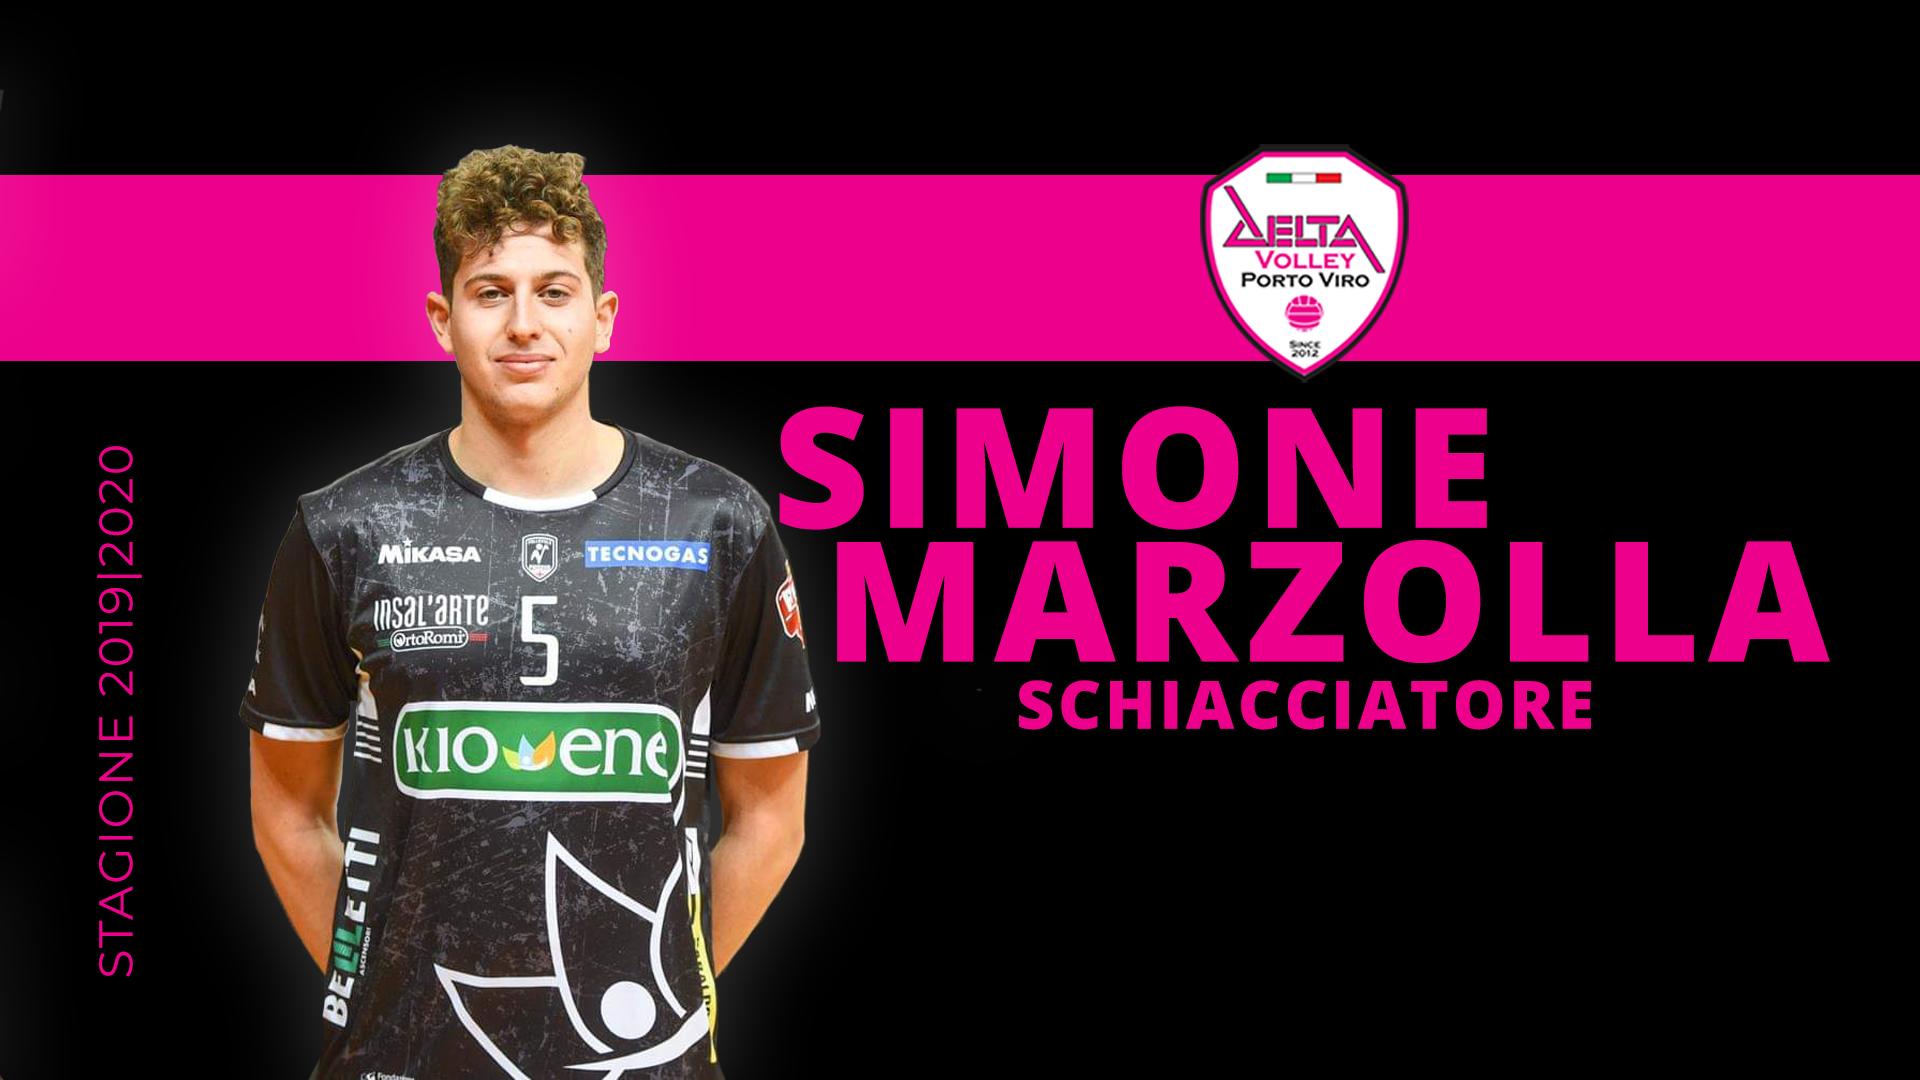 Simone Marzolla